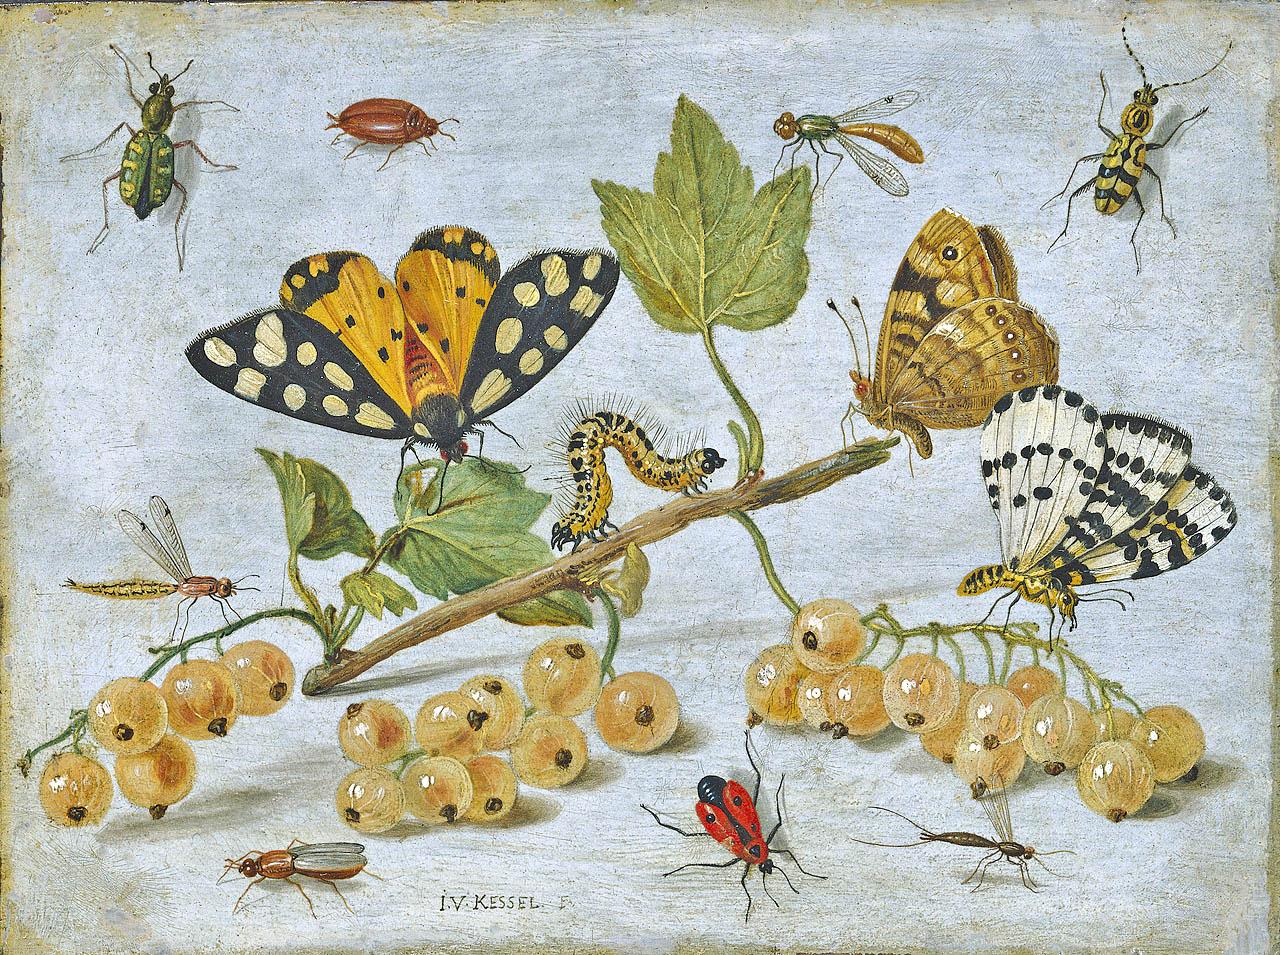 Hotel per insetti per mantenere la biodiversità in giardini e orti, soprattutto in presenza di galline